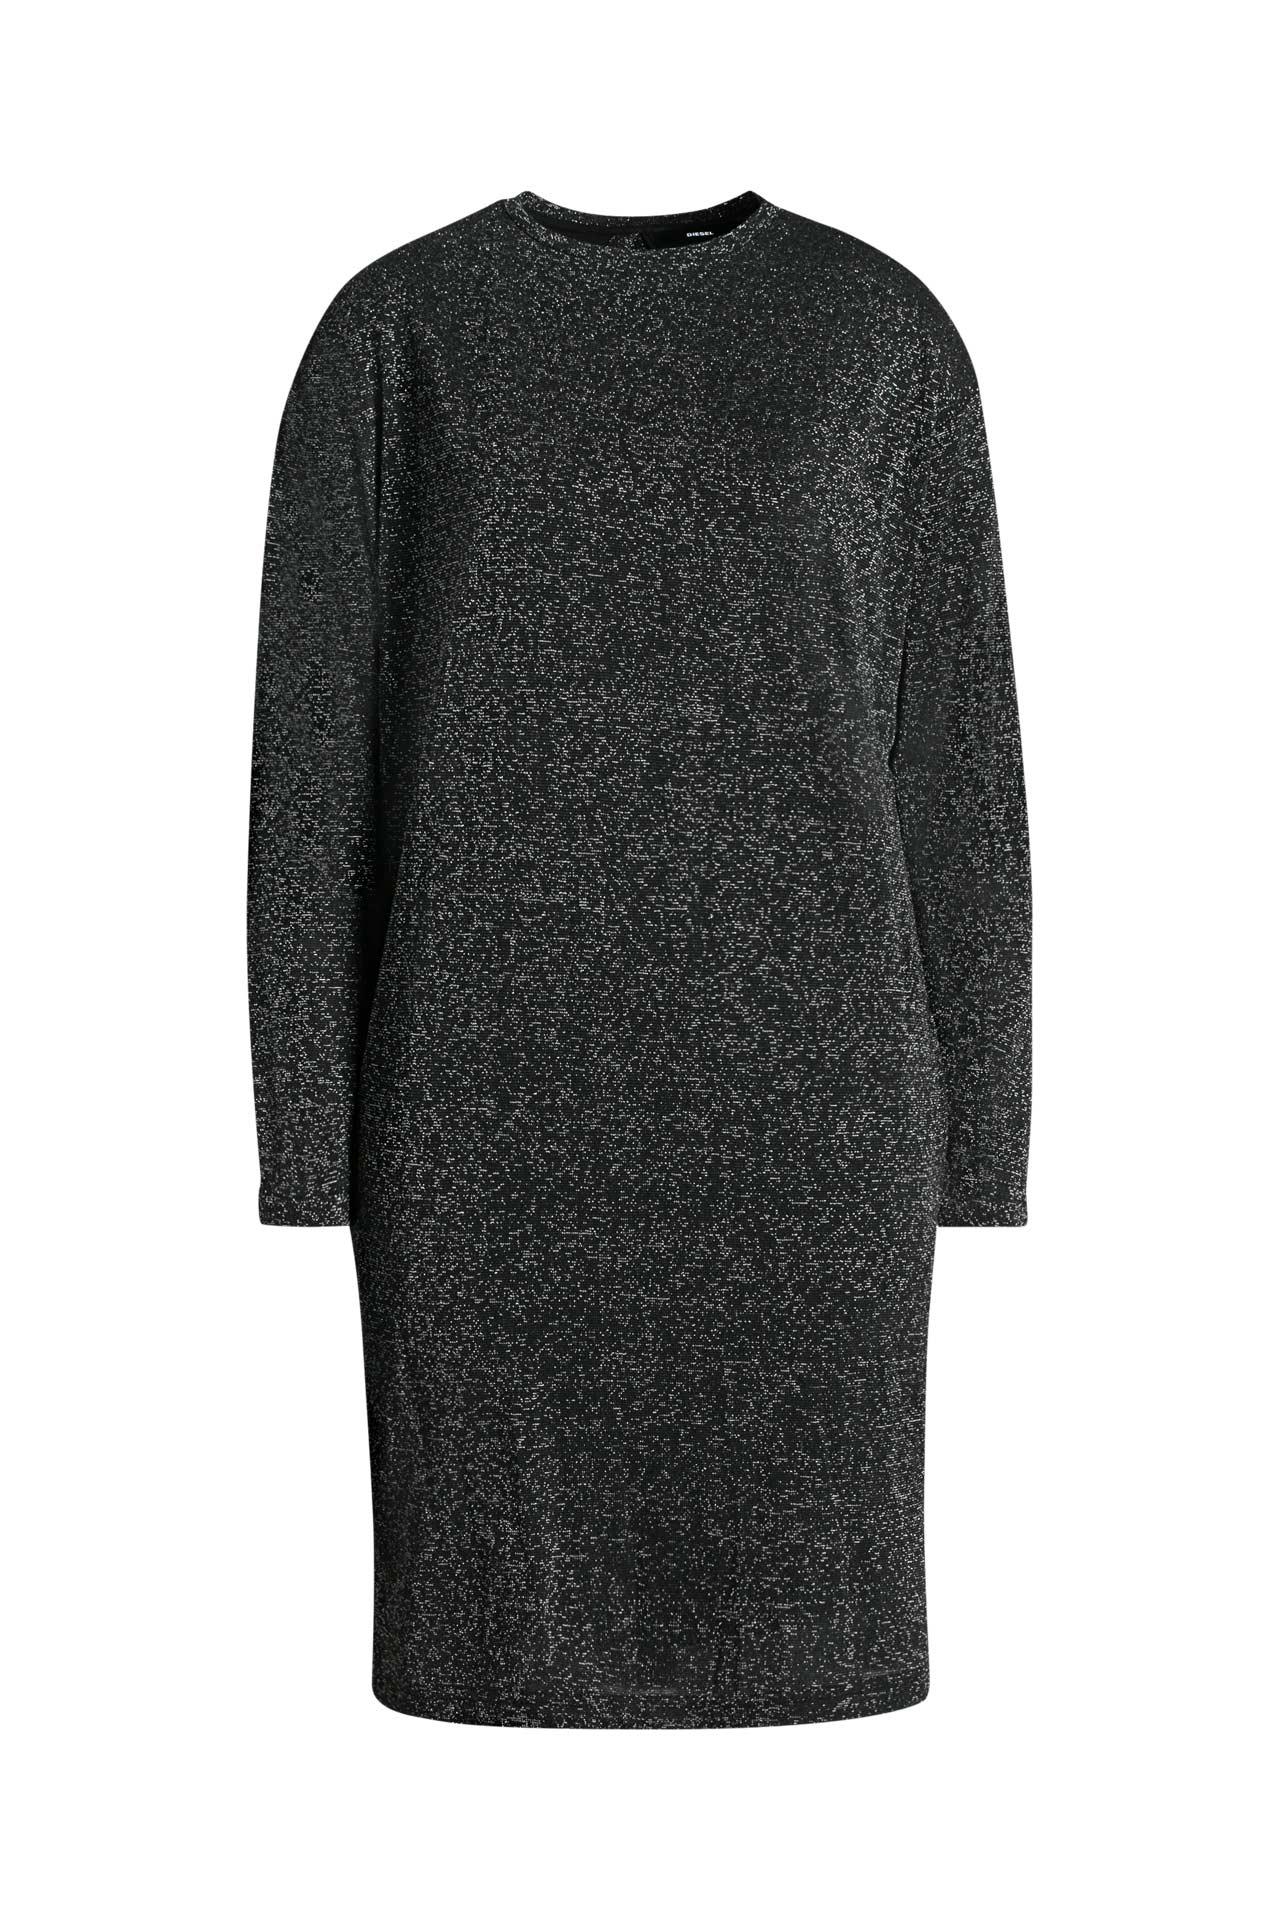 Kleid schwarz - DIESEL » günstig online kaufen ...